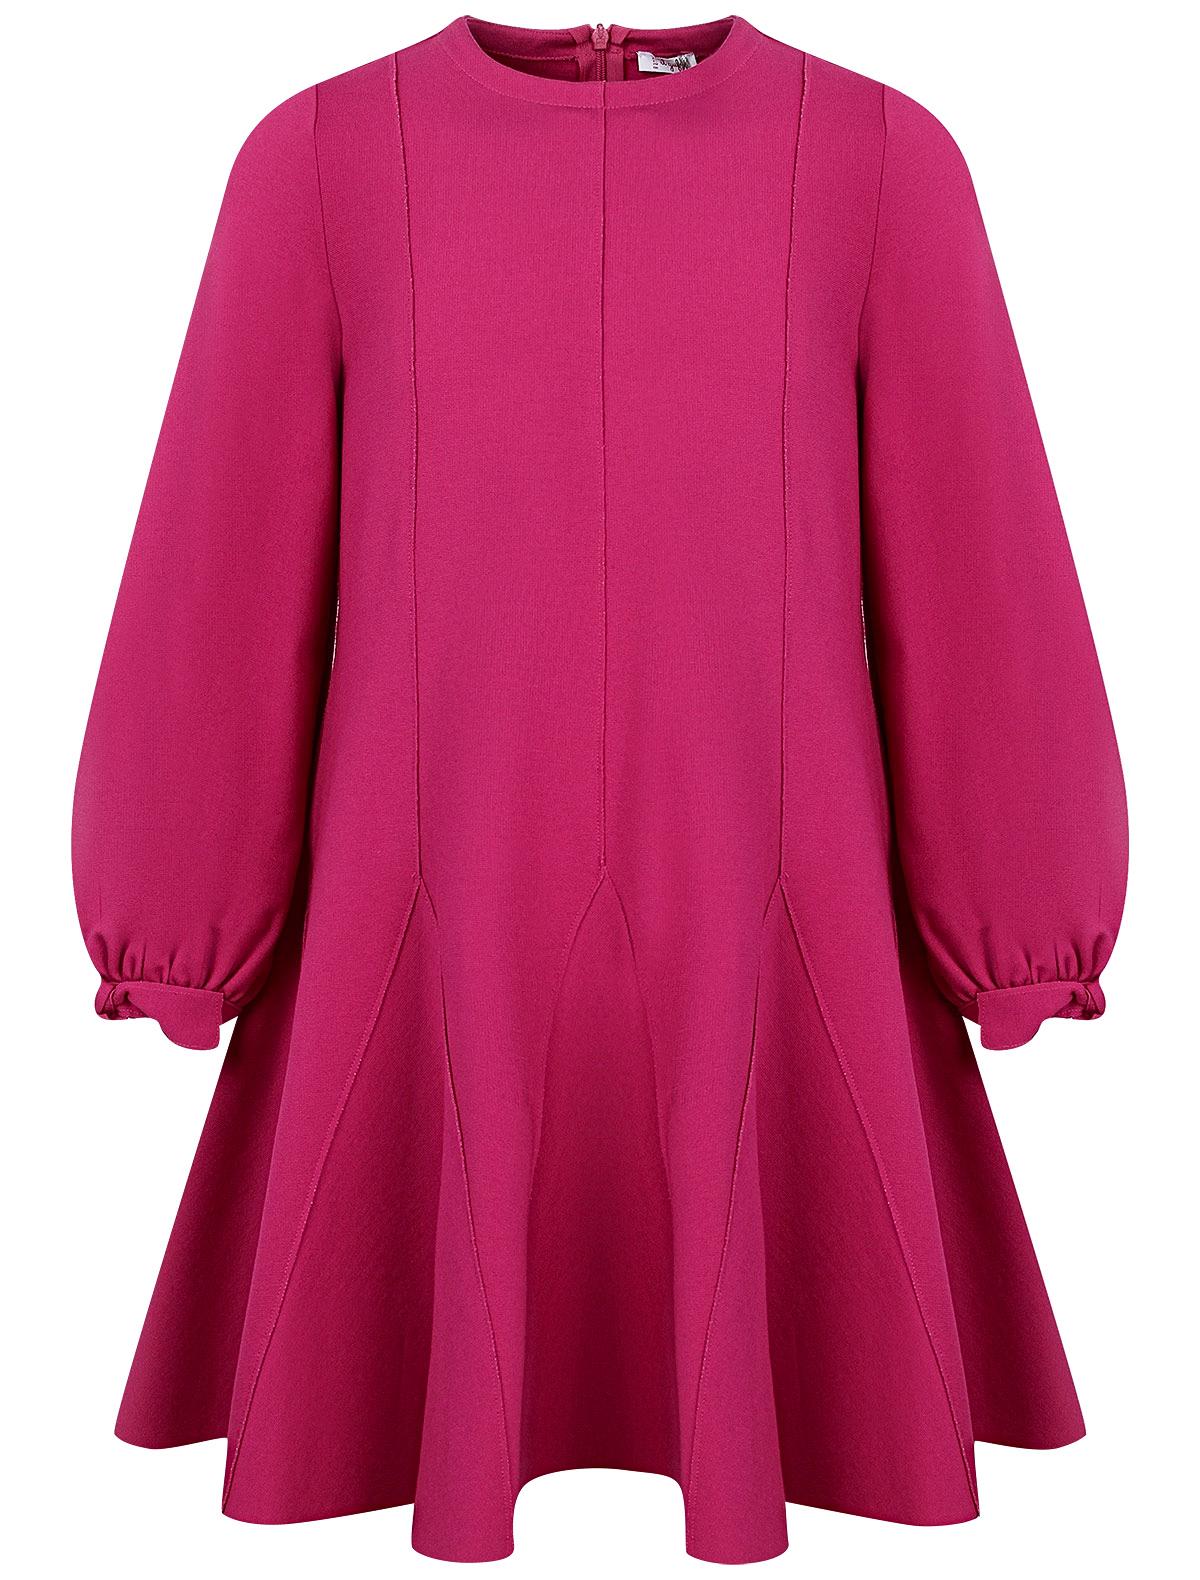 Купить 2263183, Платье Il Gufo, розовый, Женский, 1054609087343